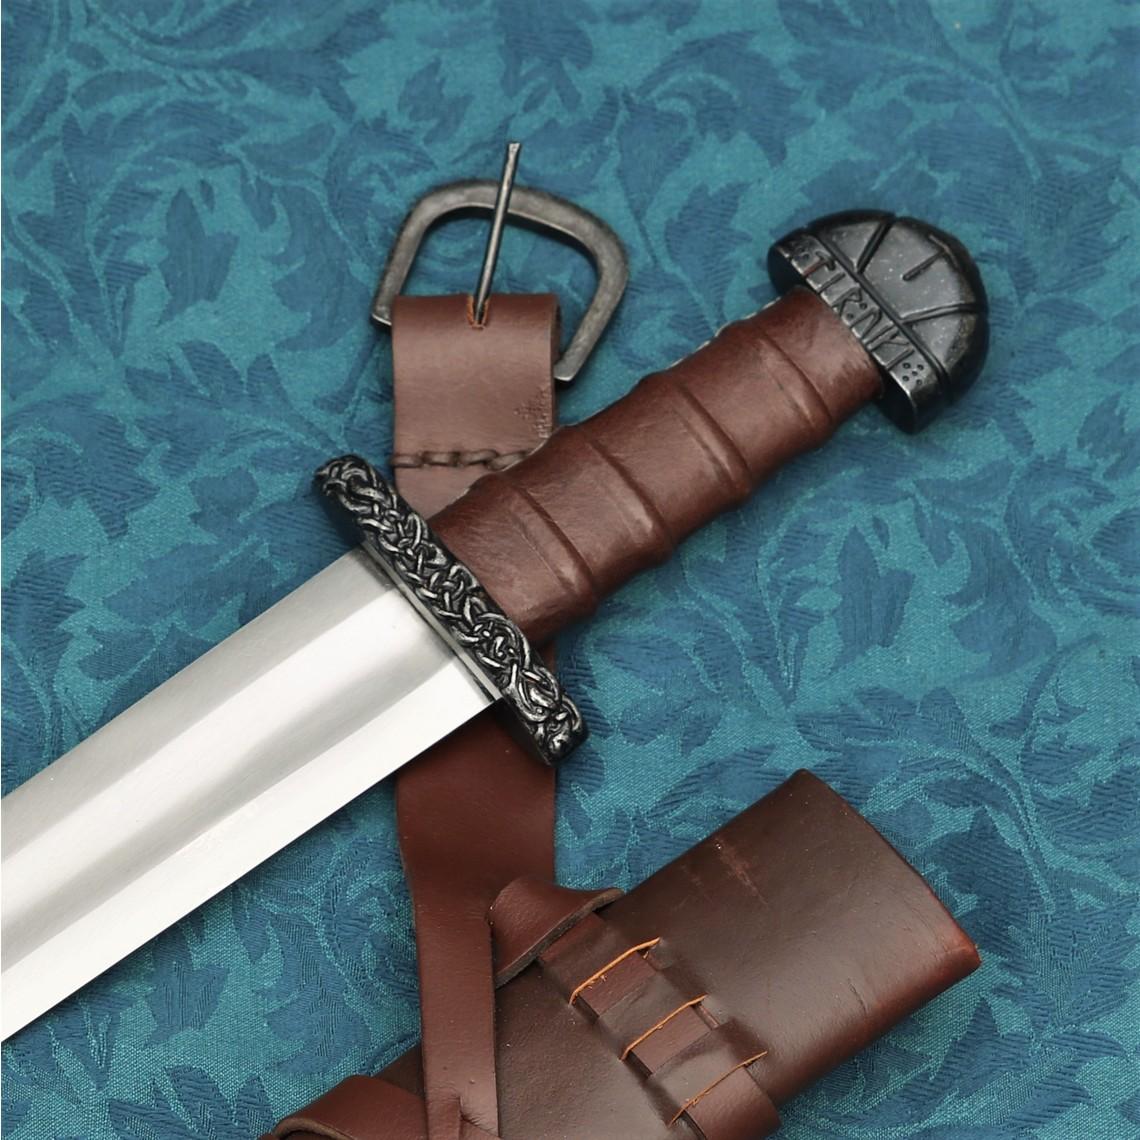 Windlass Steelcrafts Wikingerschwert Bjorn mit Deluxe-Scheide